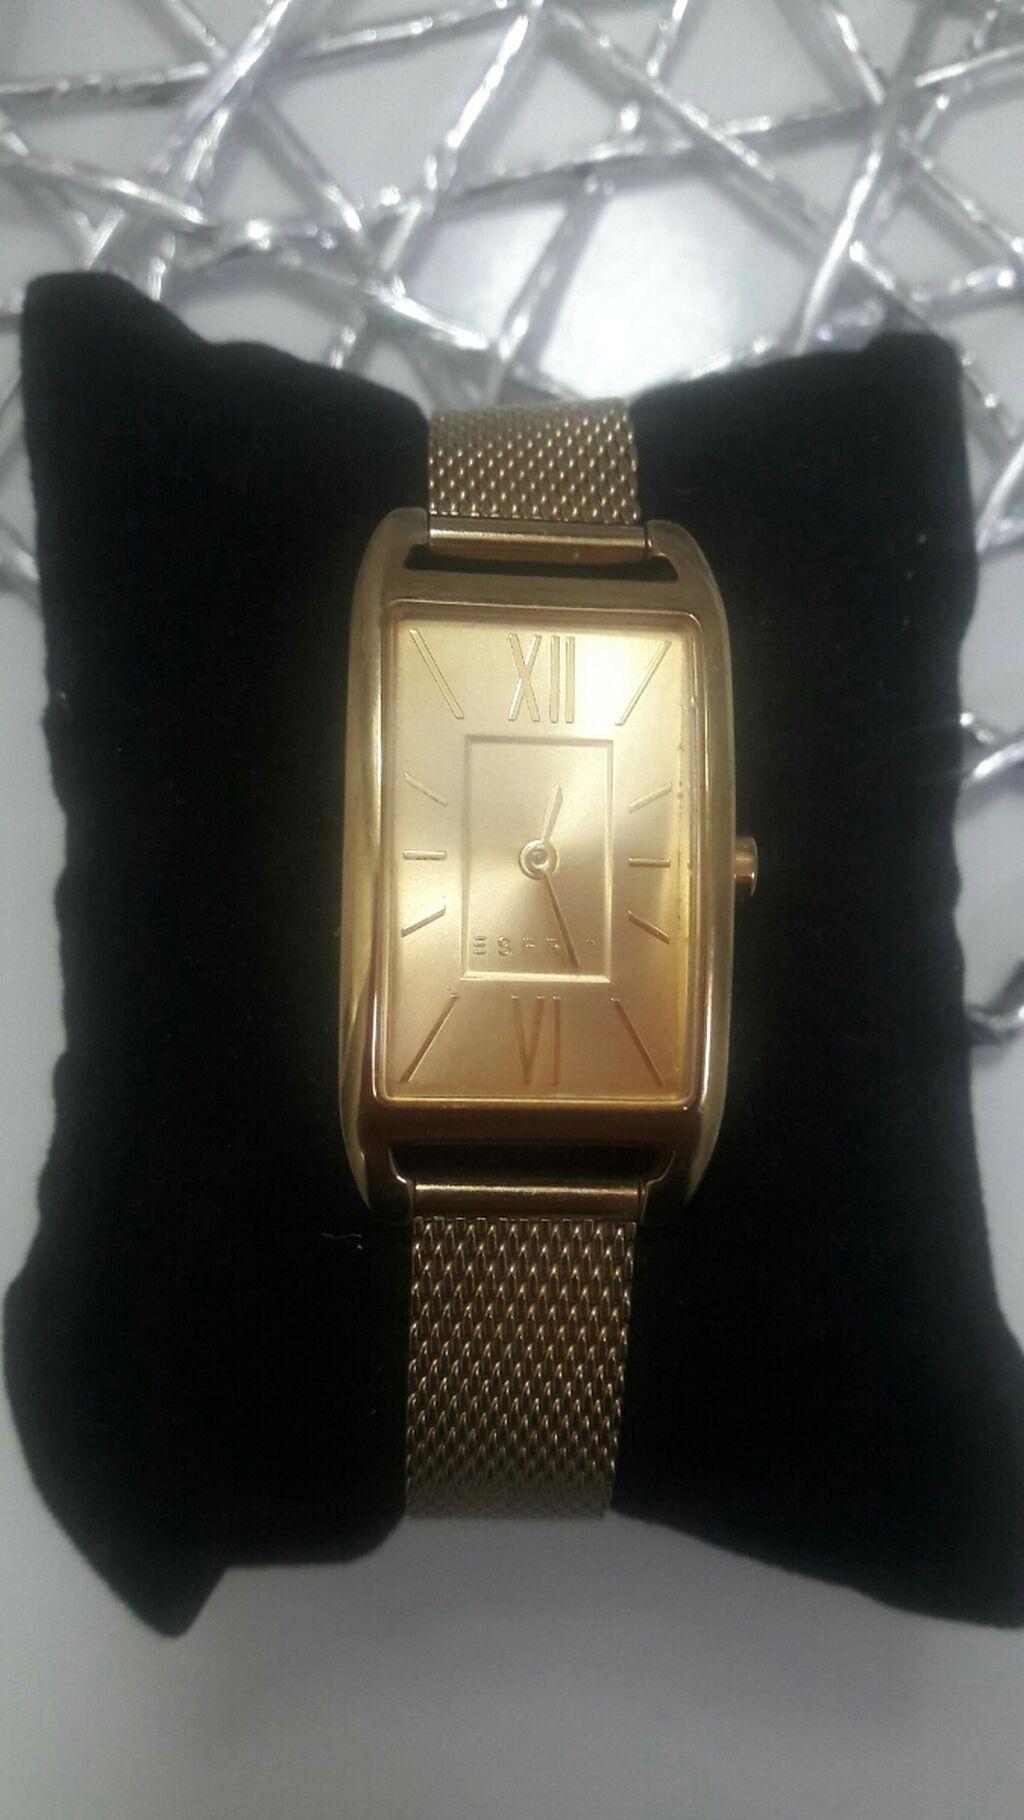 Tašne - Novi Banovci: Prodajem Espritov sat u okk stanju...Malo nosen i skoro kao nov...Cena